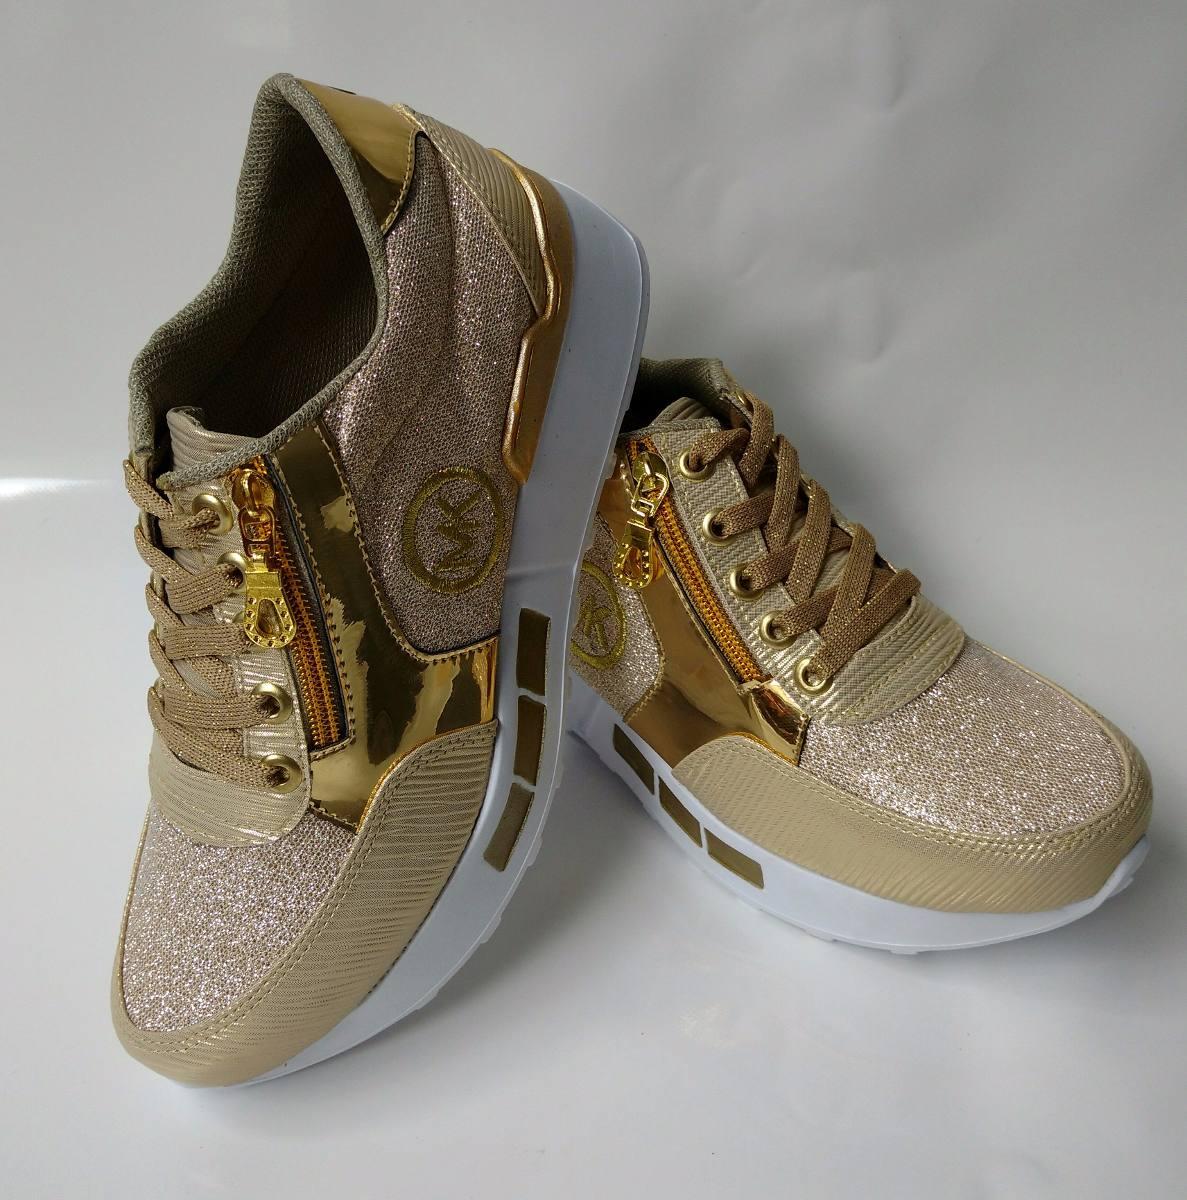 b4cbb3418d597 calzado zapato deportivo de moda color dorado envio gratis. Cargando zoom.